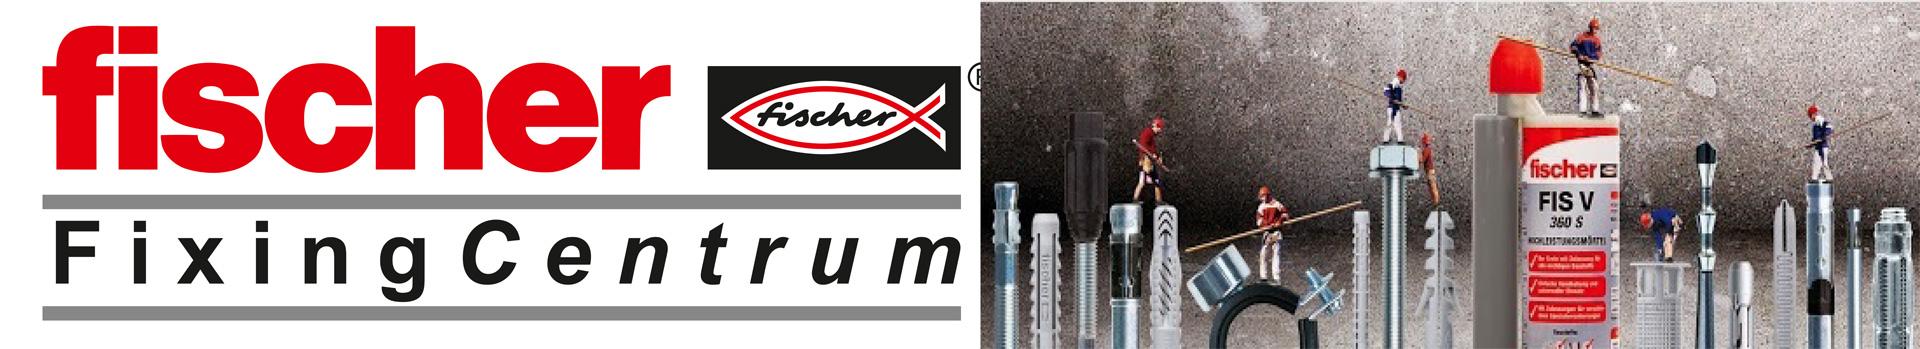 Fischer1